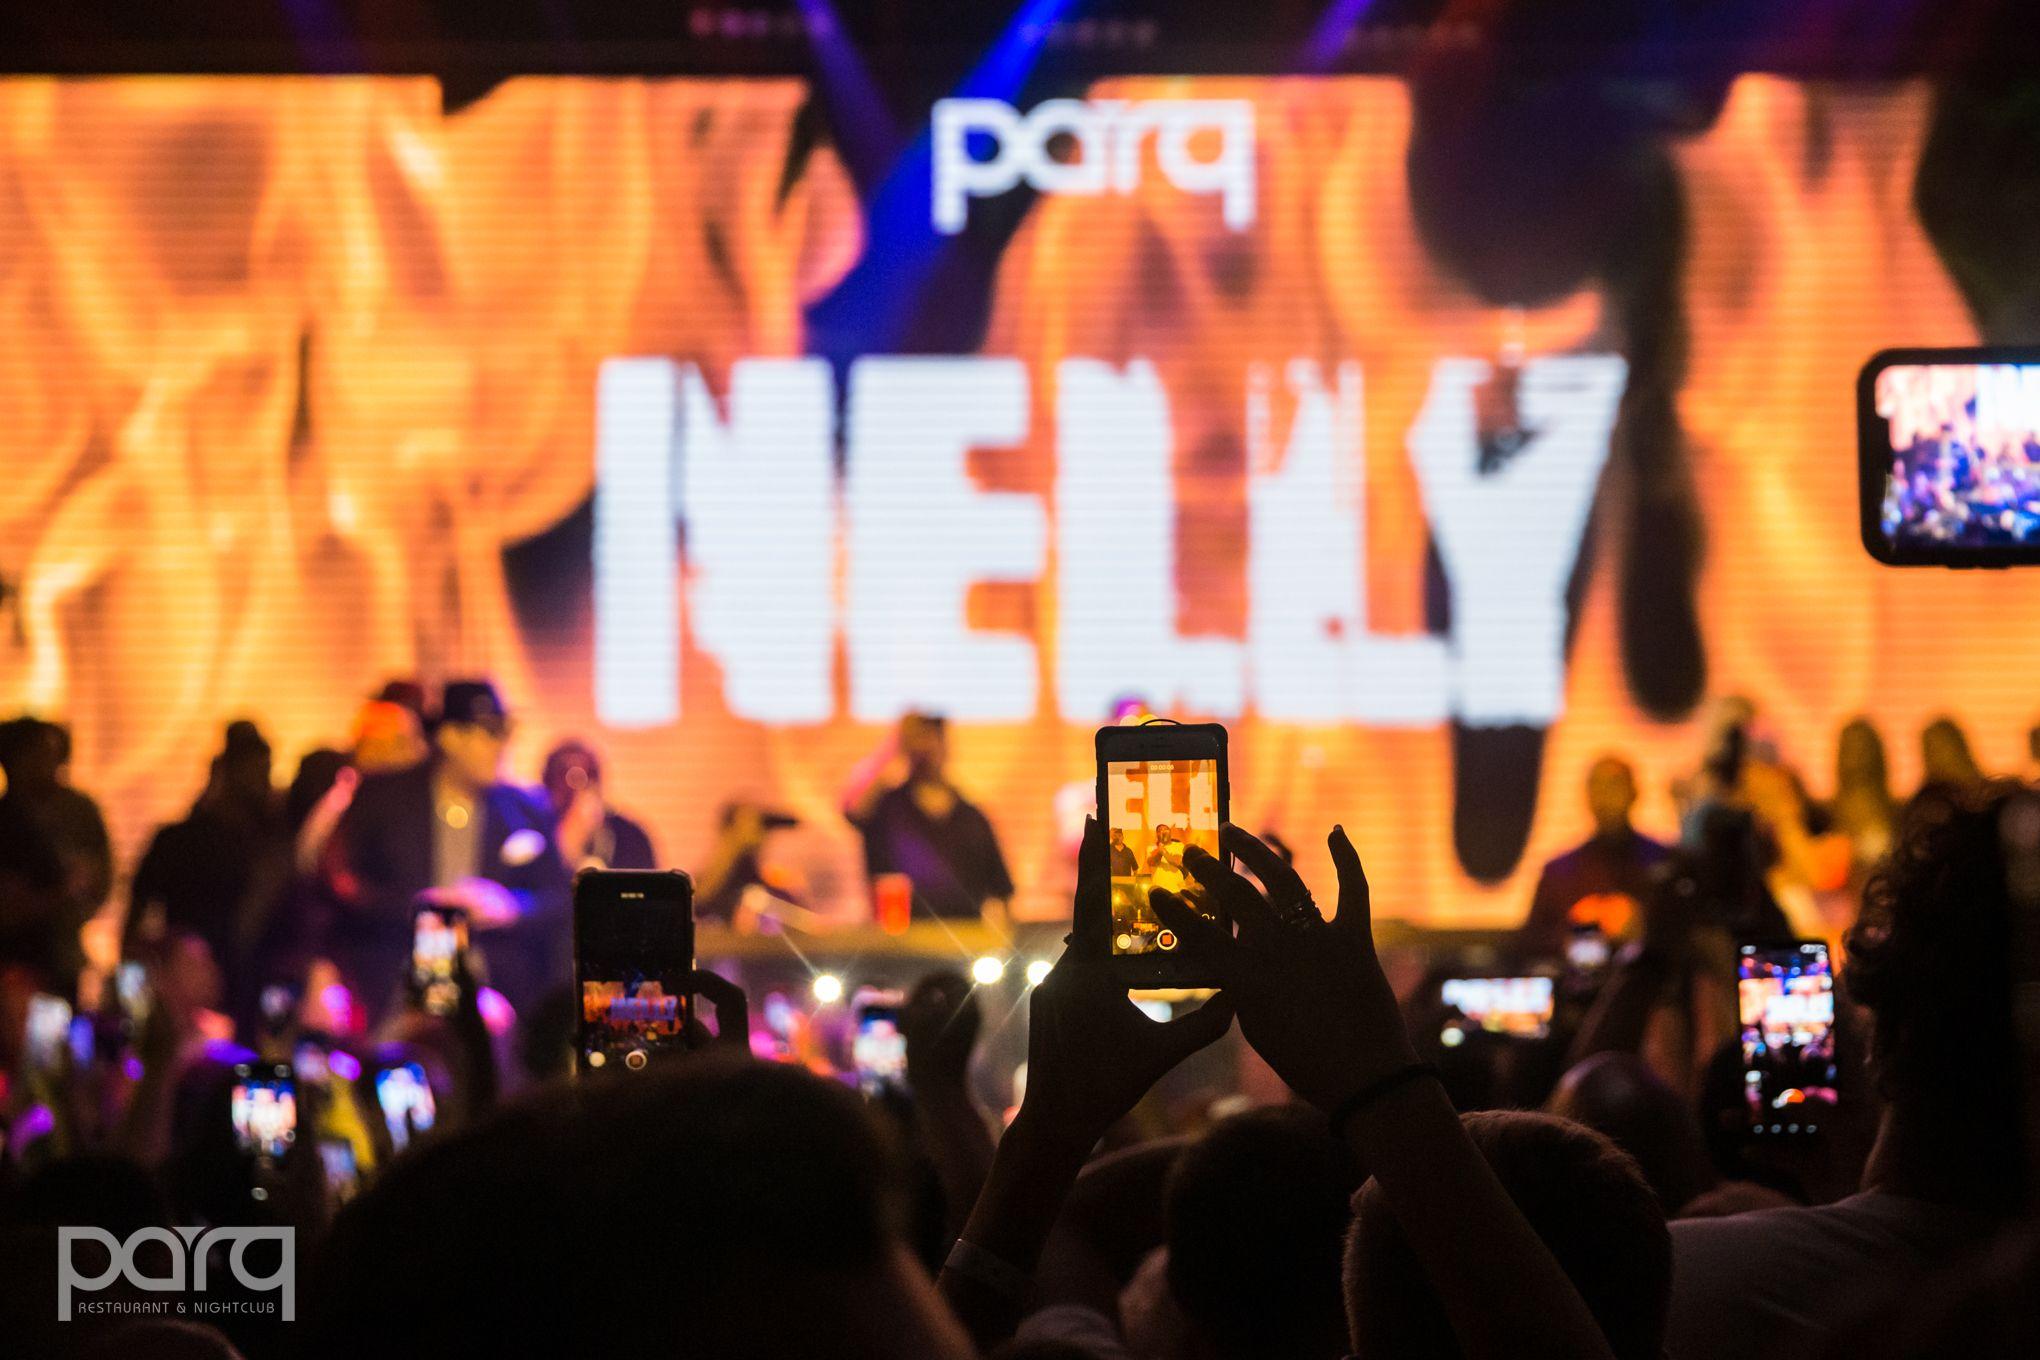 09.01.19 Parq - Nelly-23.jpg